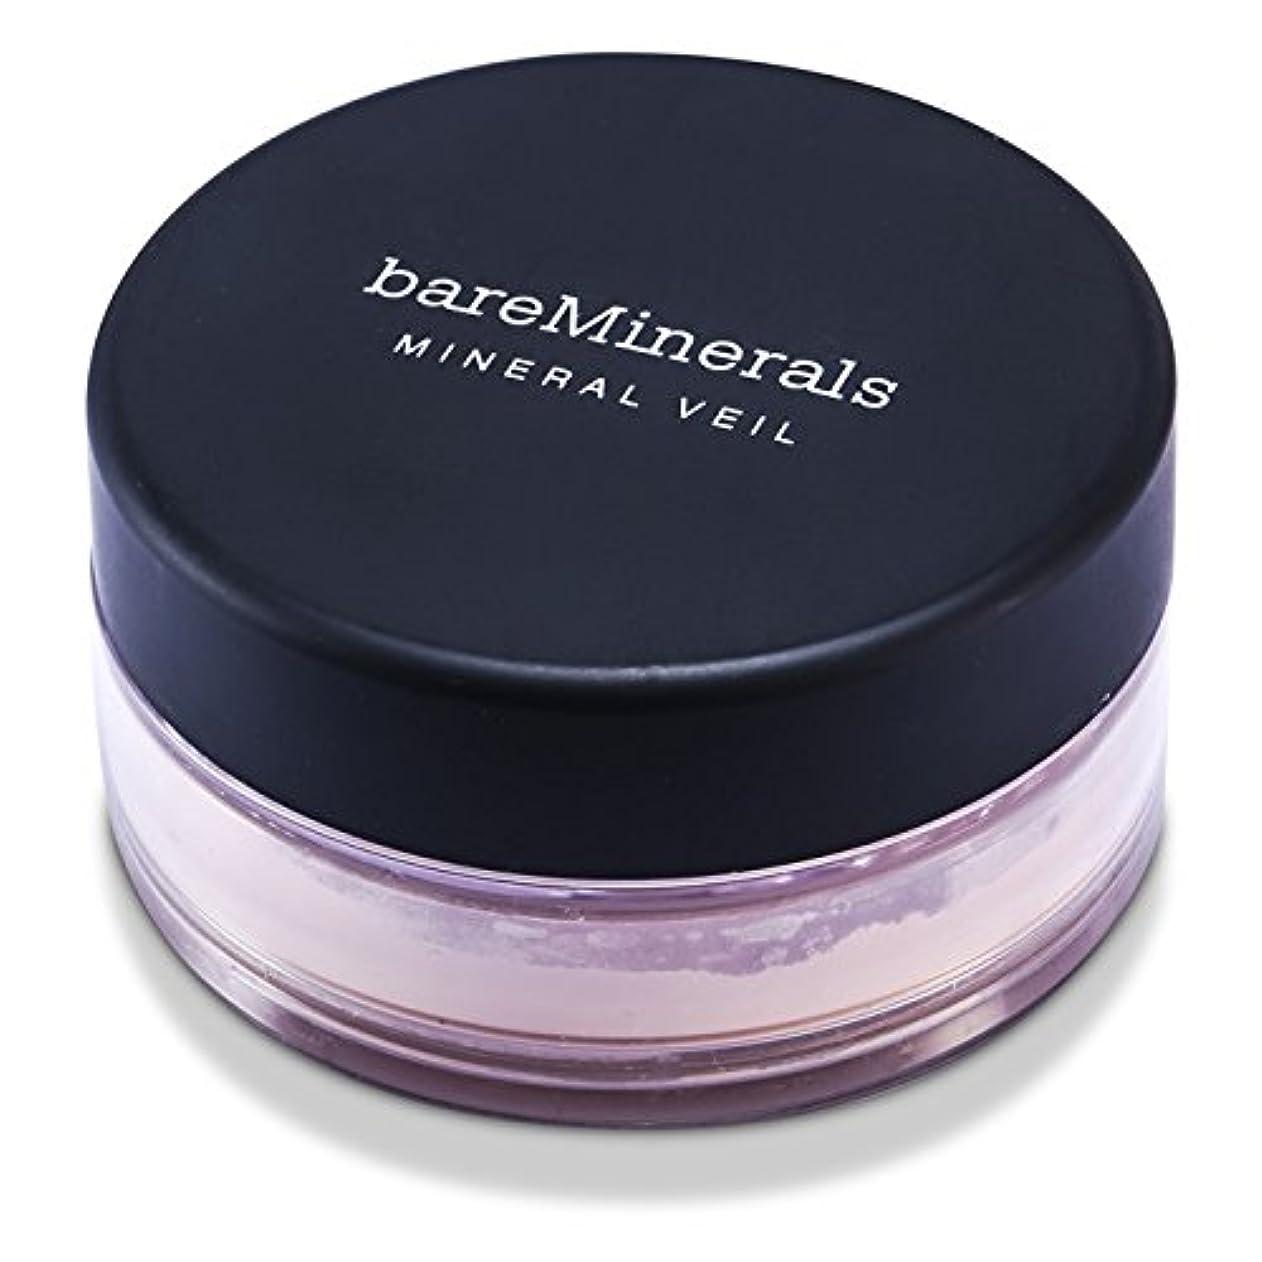 ベアミネラル i.d. ミネラルヴェイル - Mineral Veil 9g/0.3oz並行輸入品